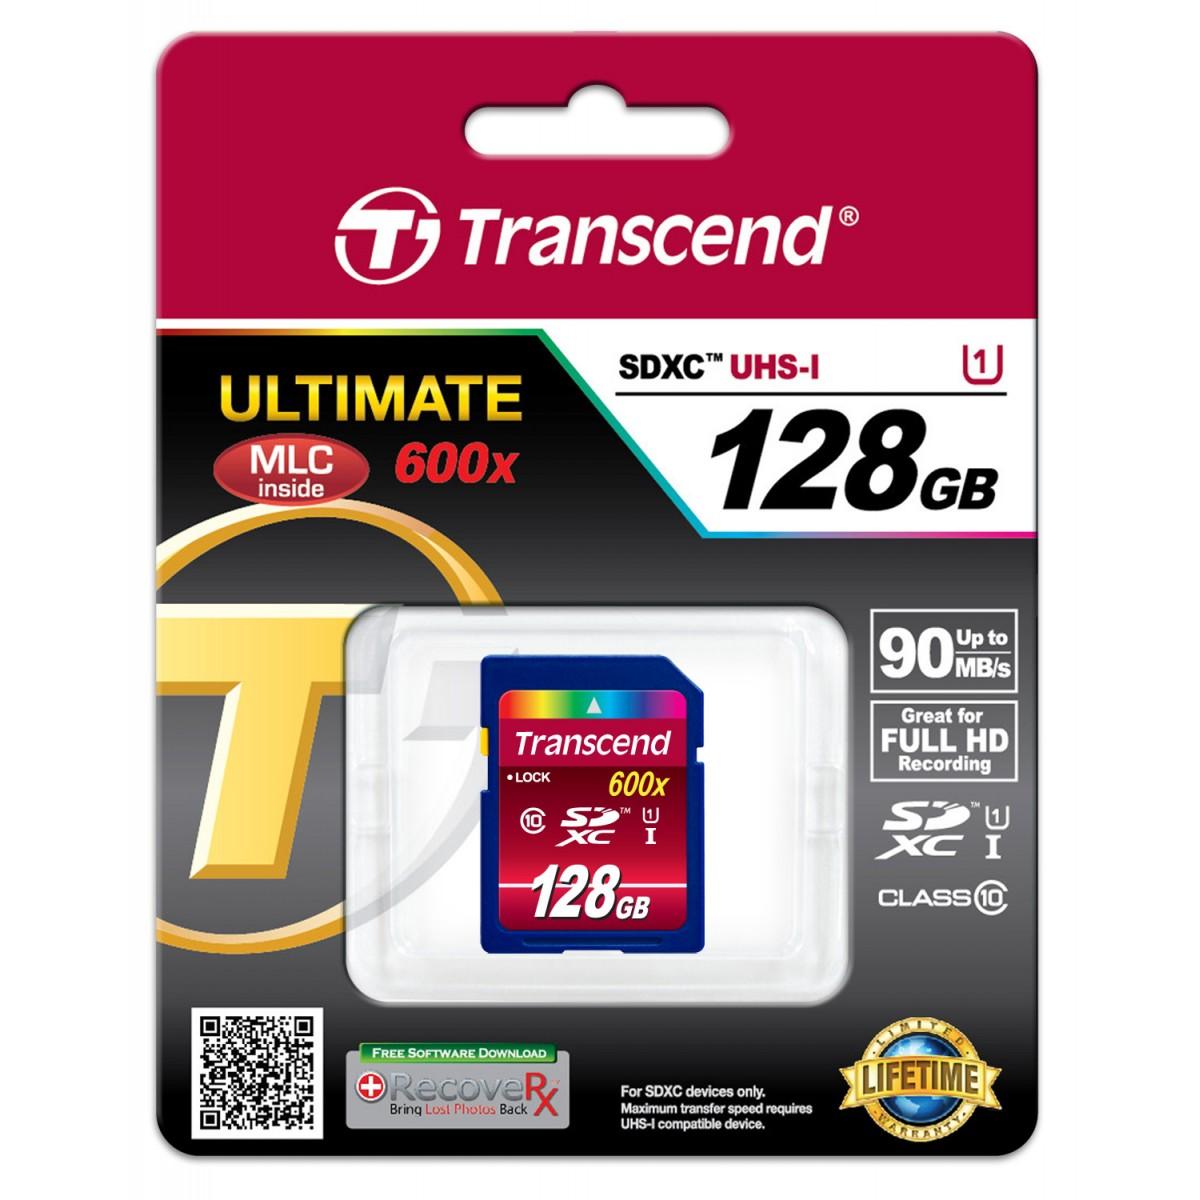 Cartão de Memória SDXC 128GB Transcend Classe 10 UHS-1 90MB/s 600x